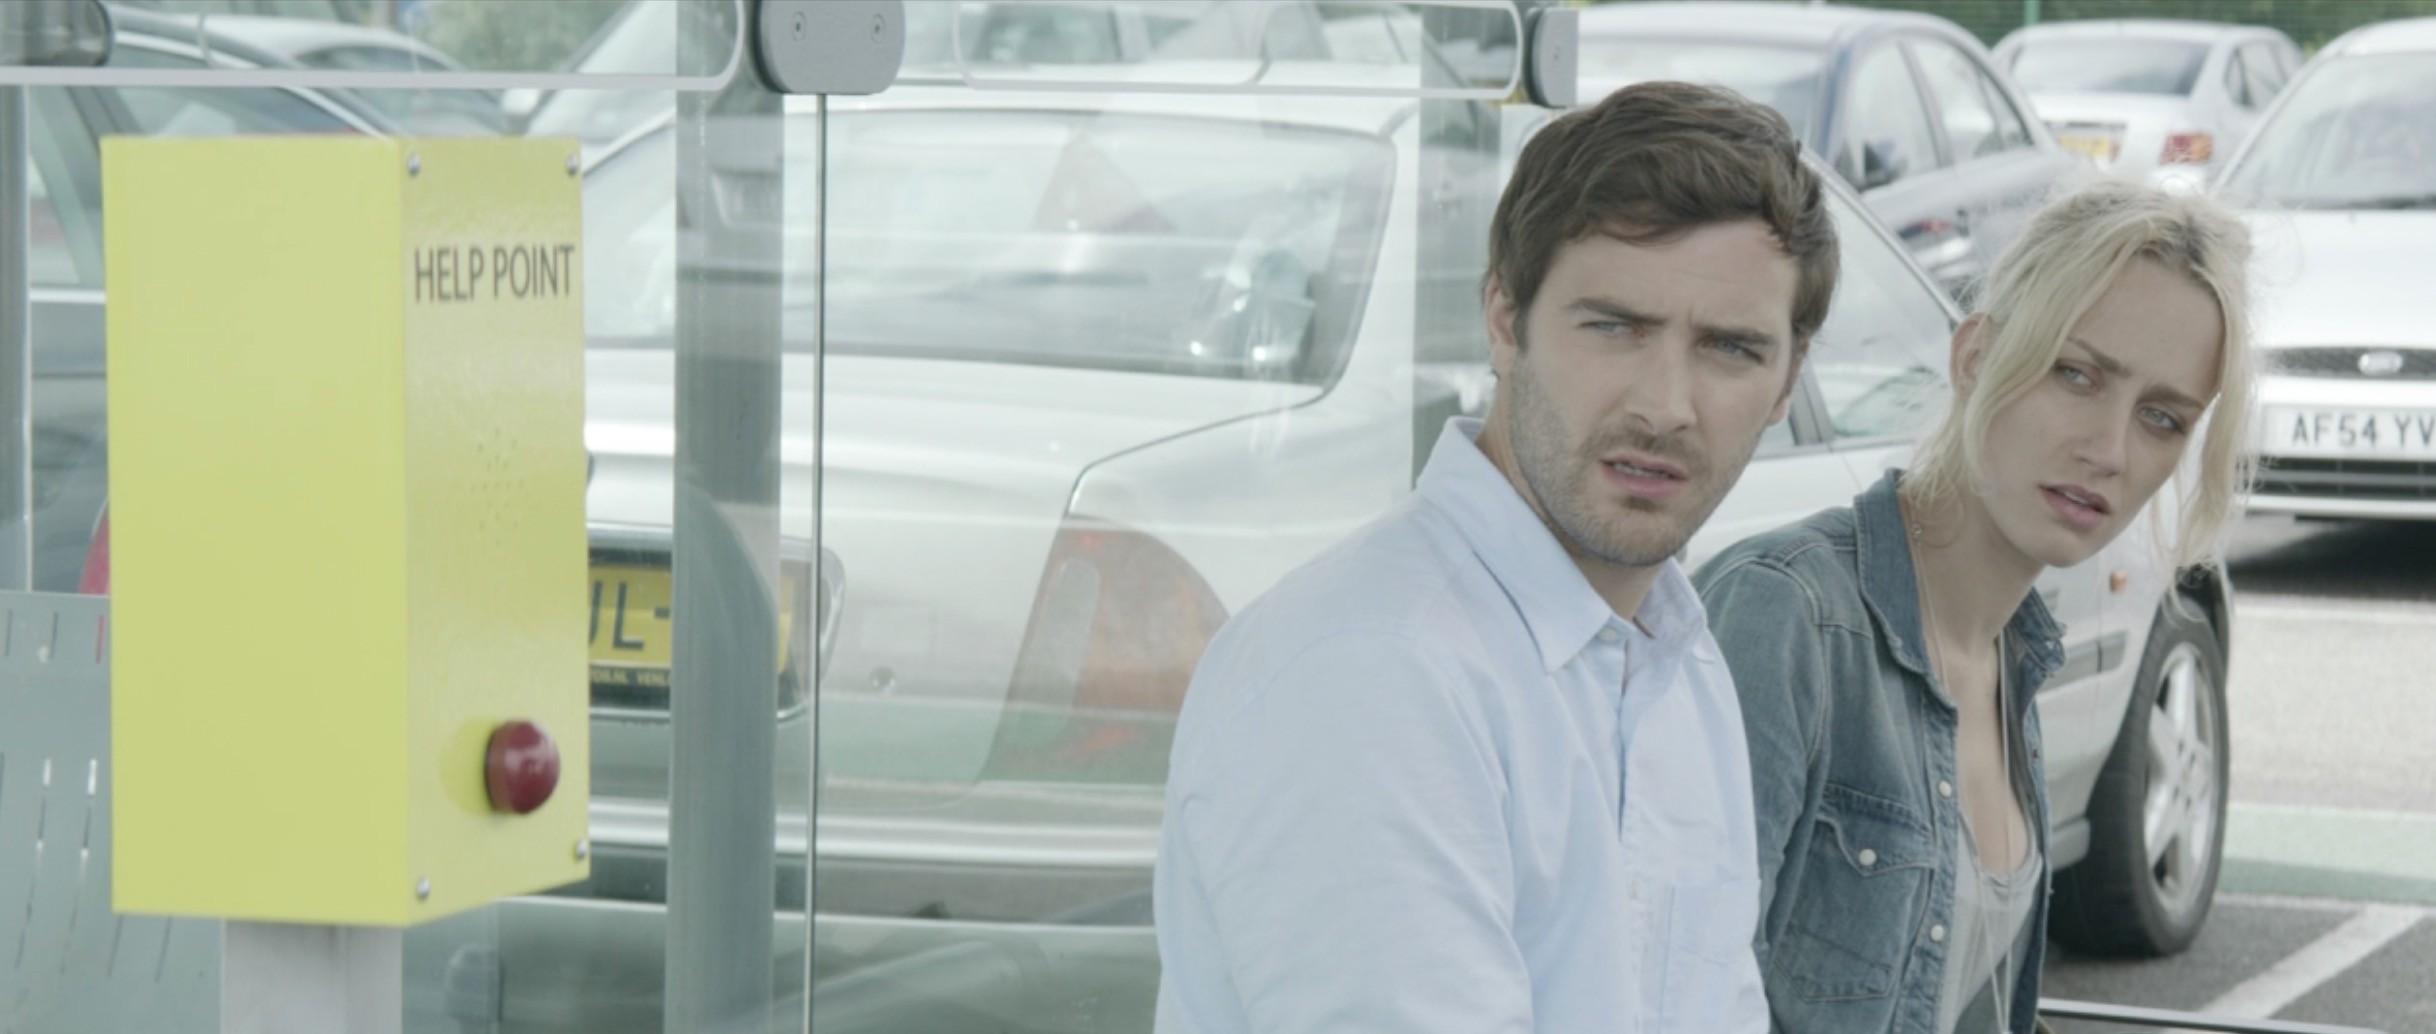 Кадр из фильма «Служба поддержки»